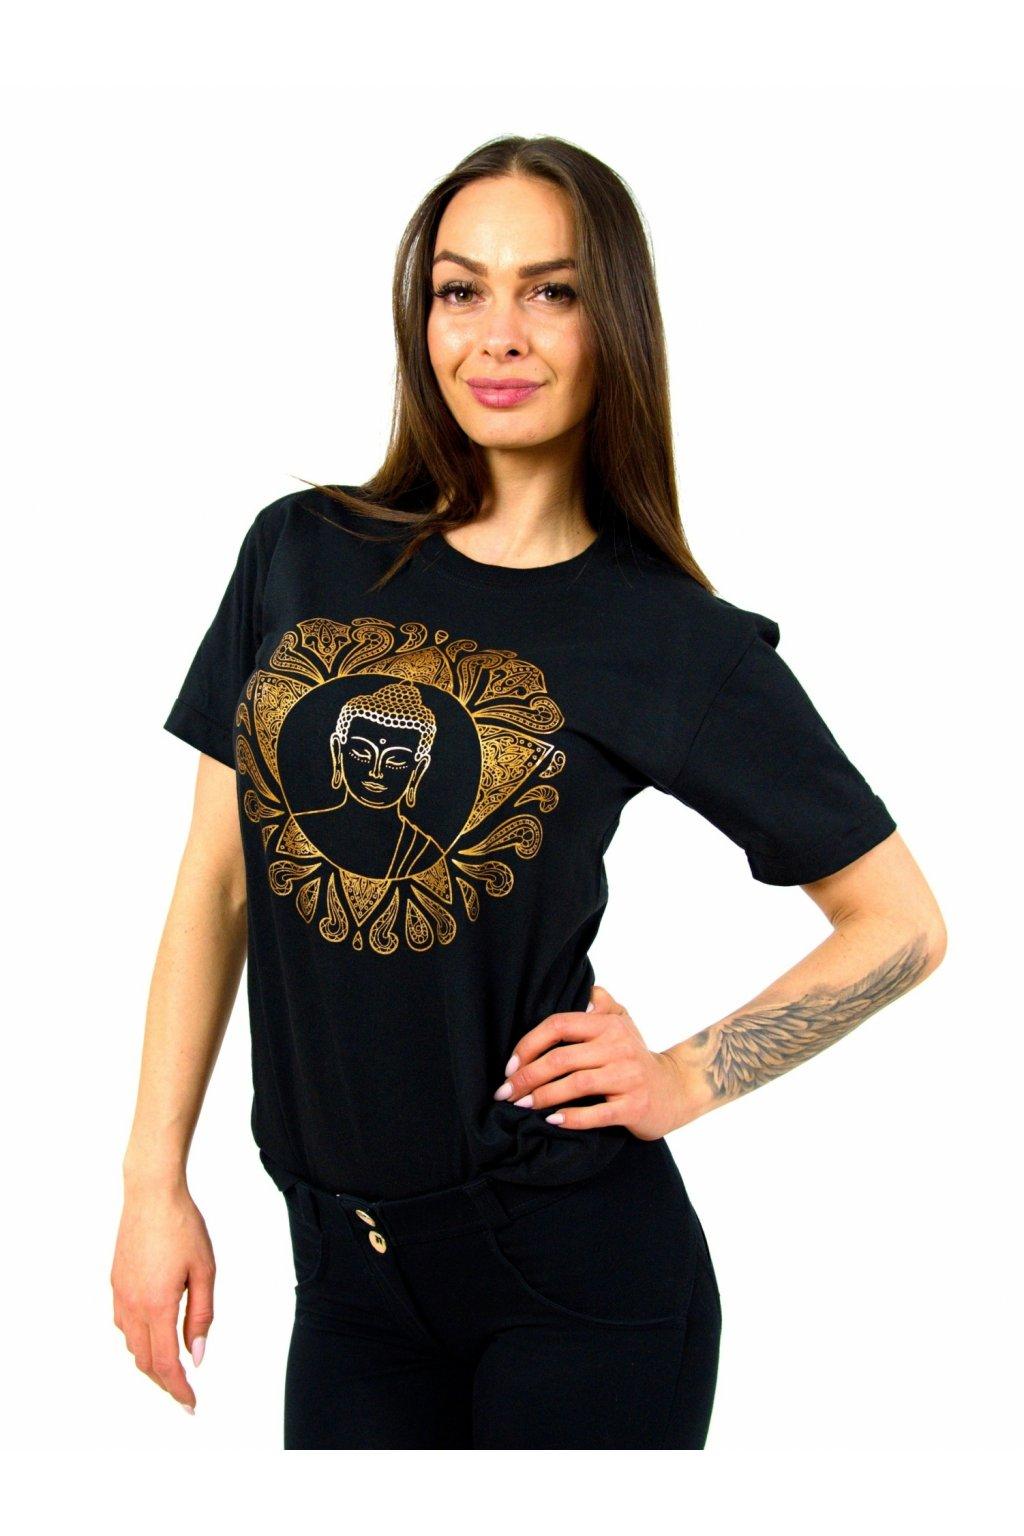 Tričko s potiskem Buddha - černé se zlatou